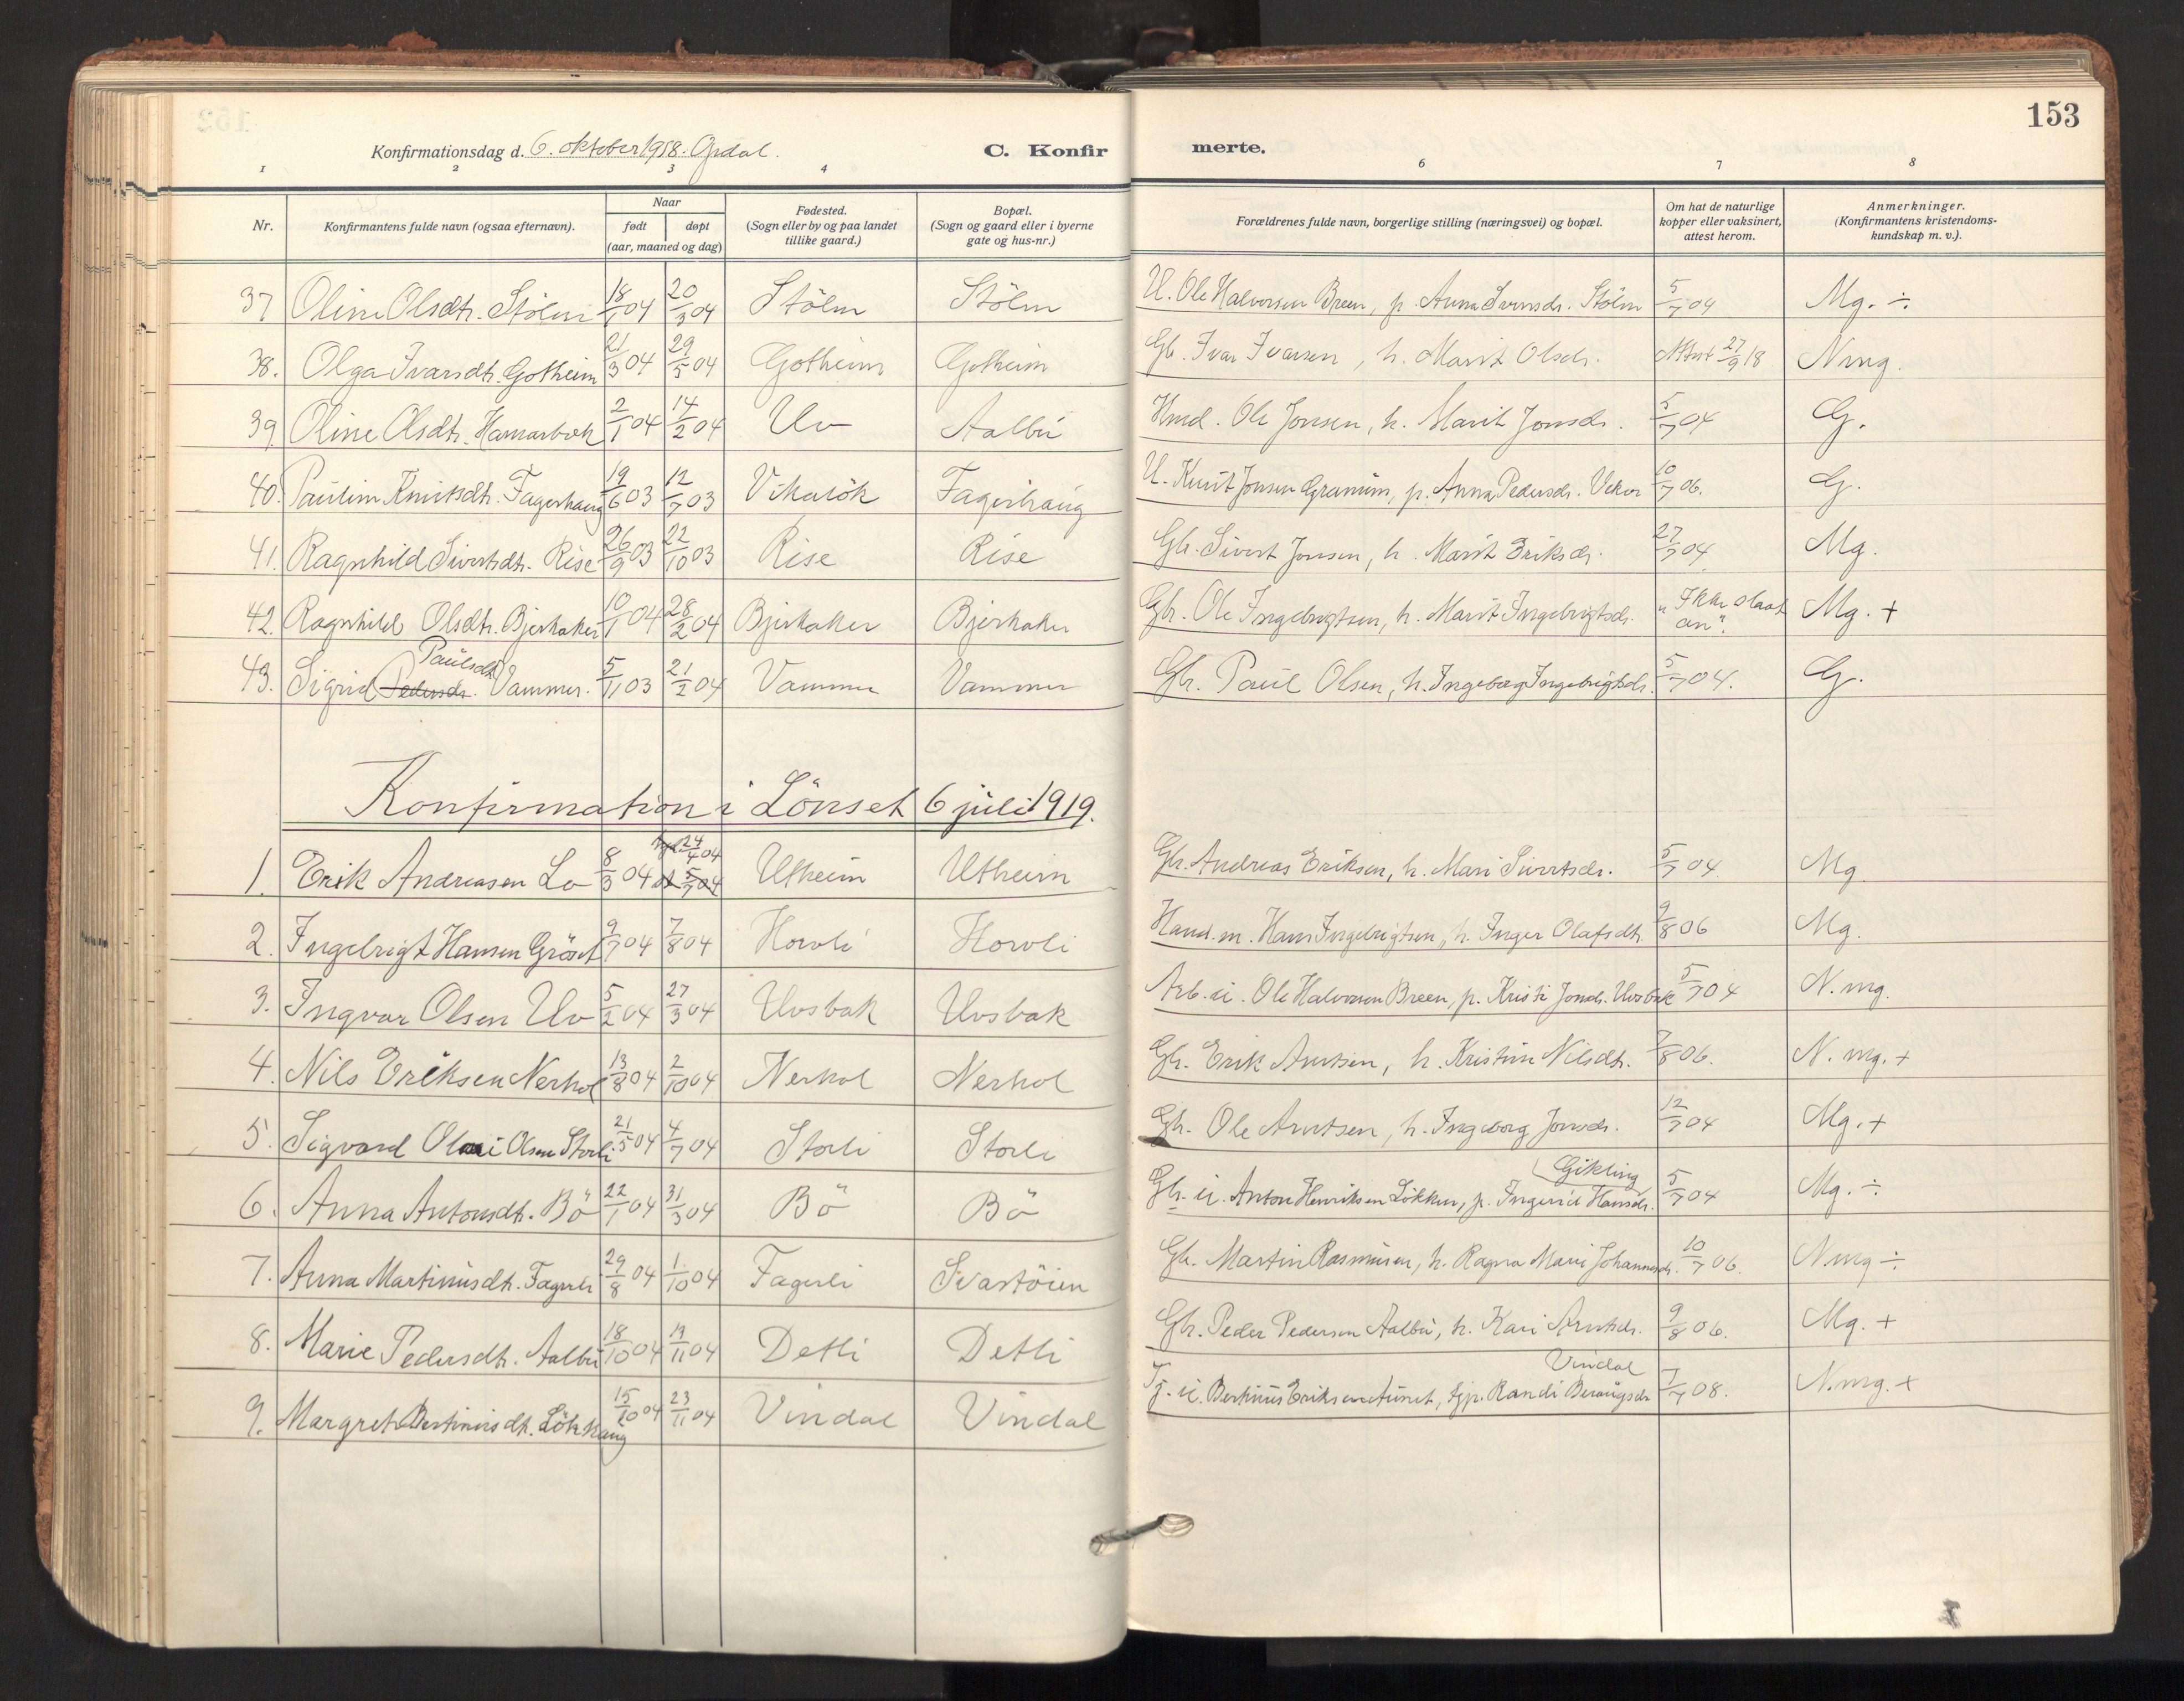 SAT, Ministerialprotokoller, klokkerbøker og fødselsregistre - Sør-Trøndelag, 678/L0909: Ministerialbok nr. 678A17, 1912-1930, s. 153